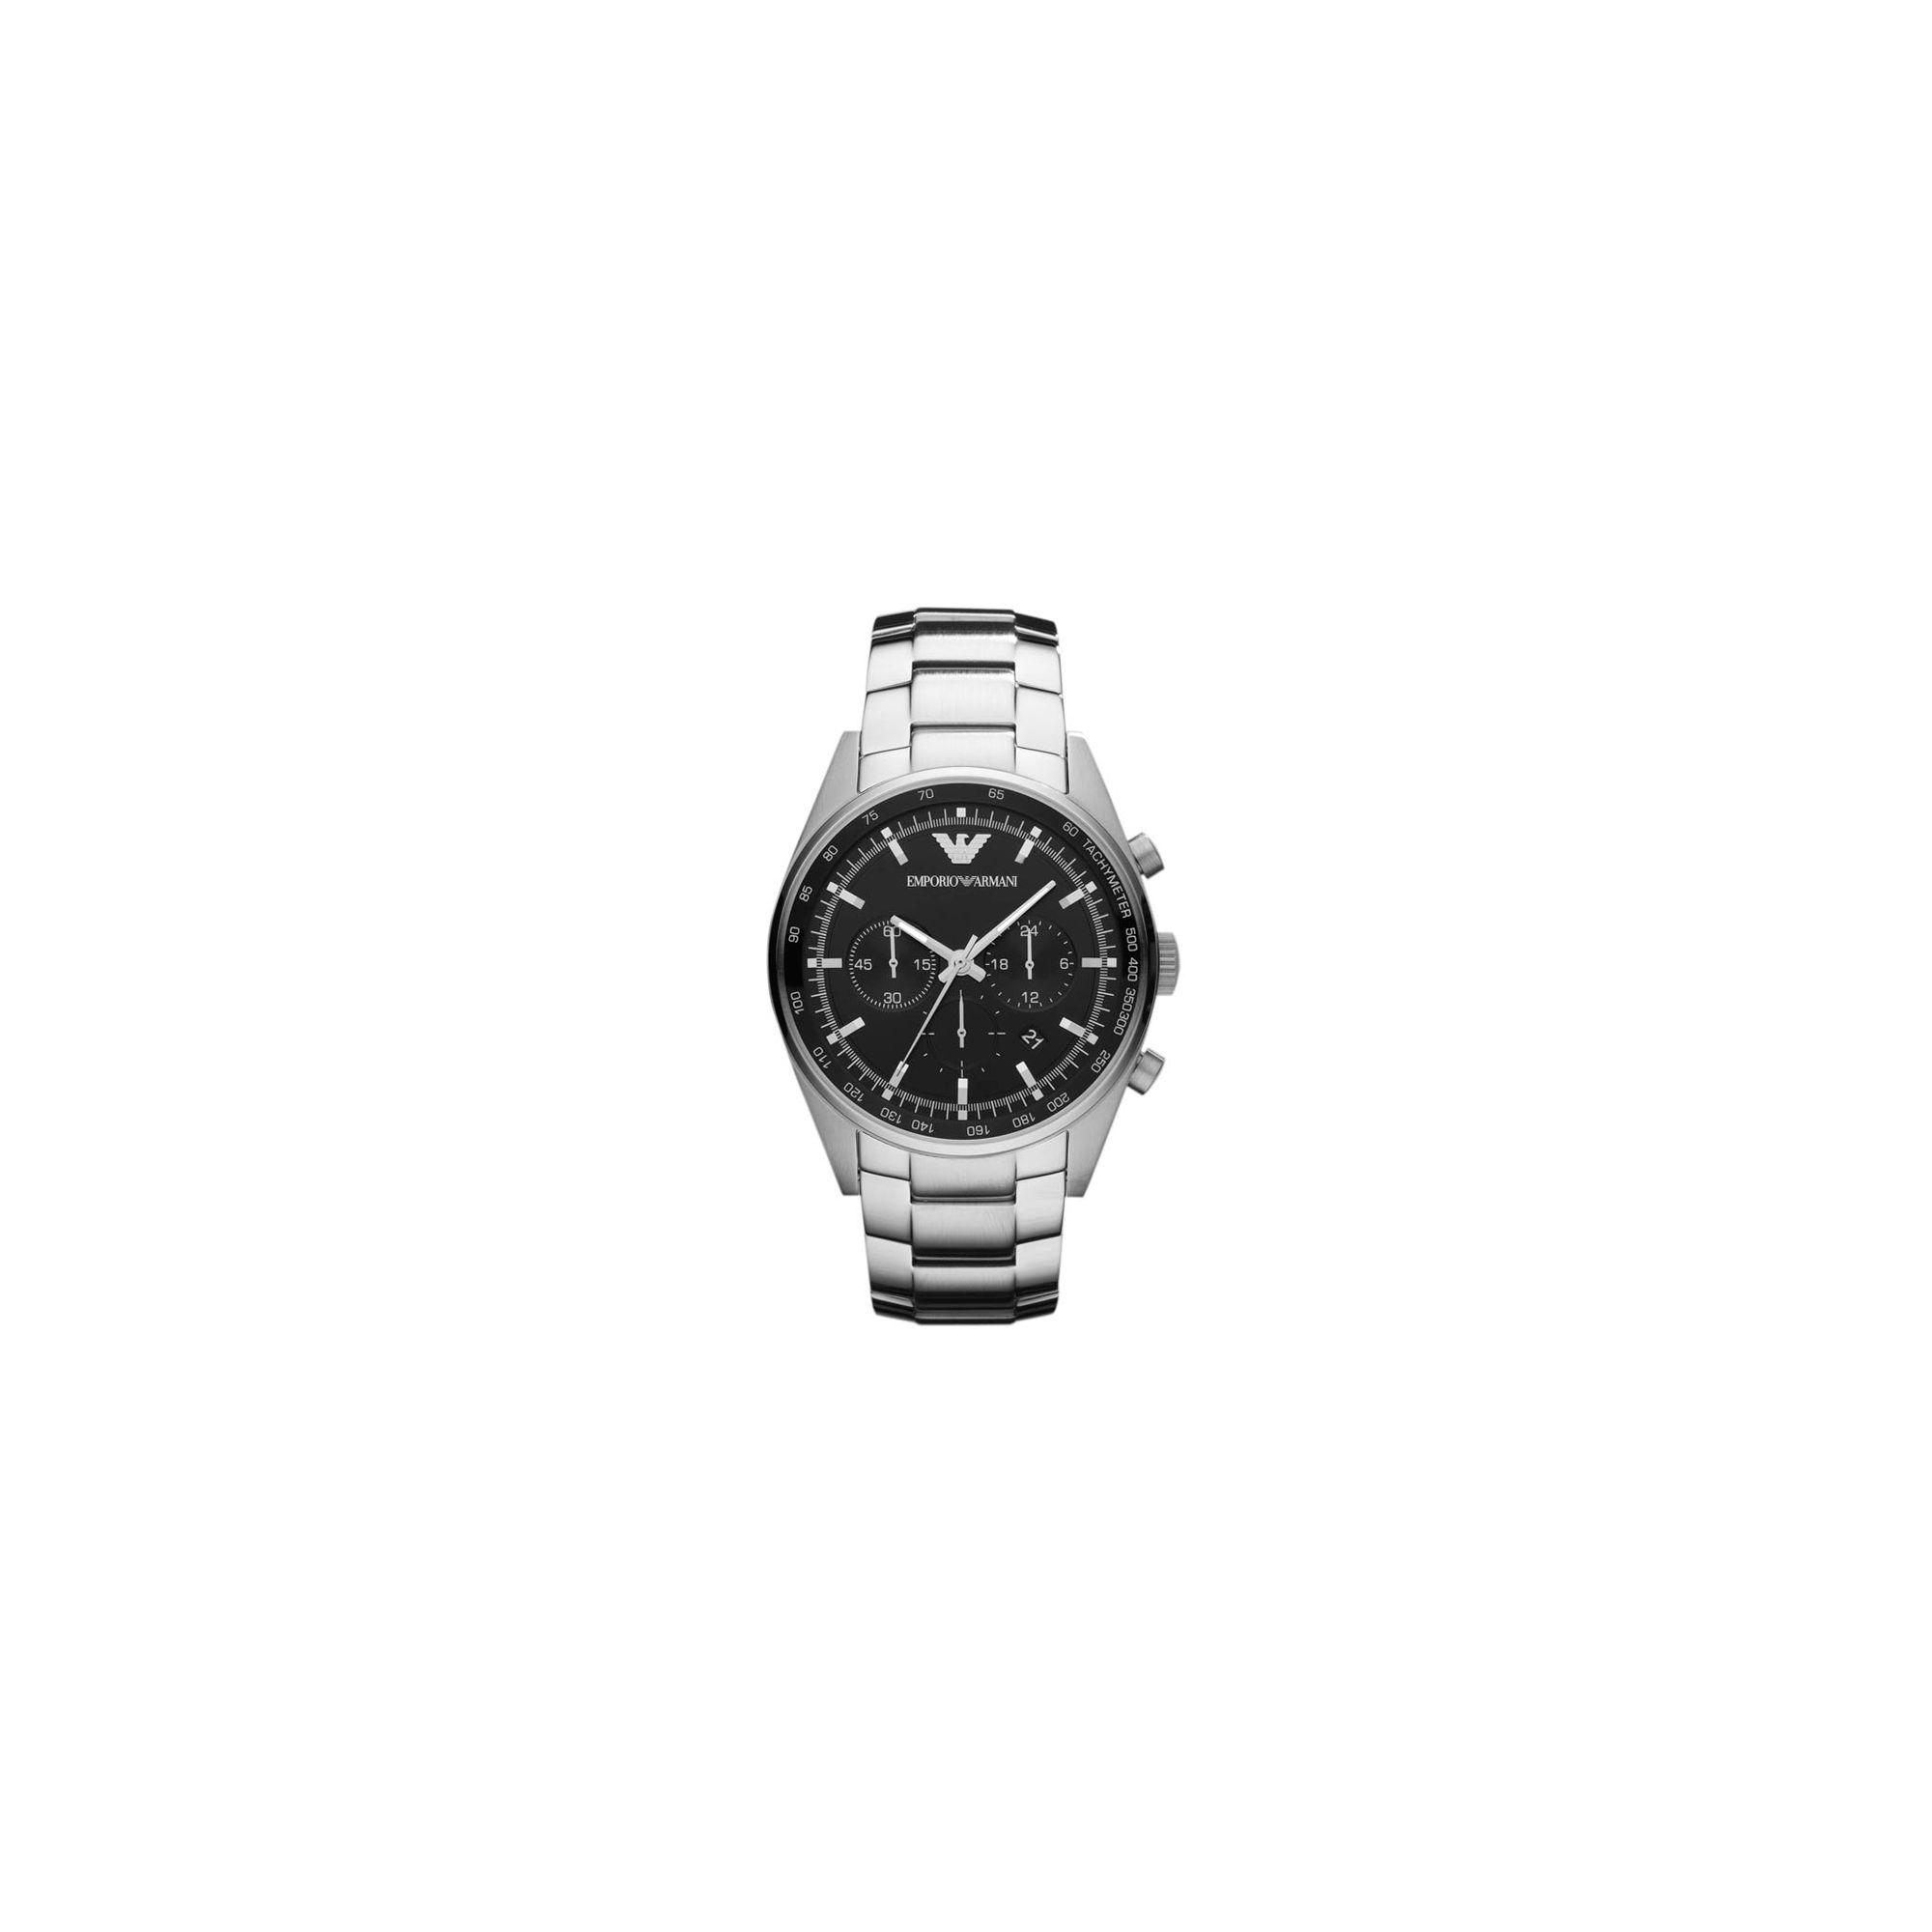 Emporio Armani Chrono Watch AR0673 at Tesco Direct